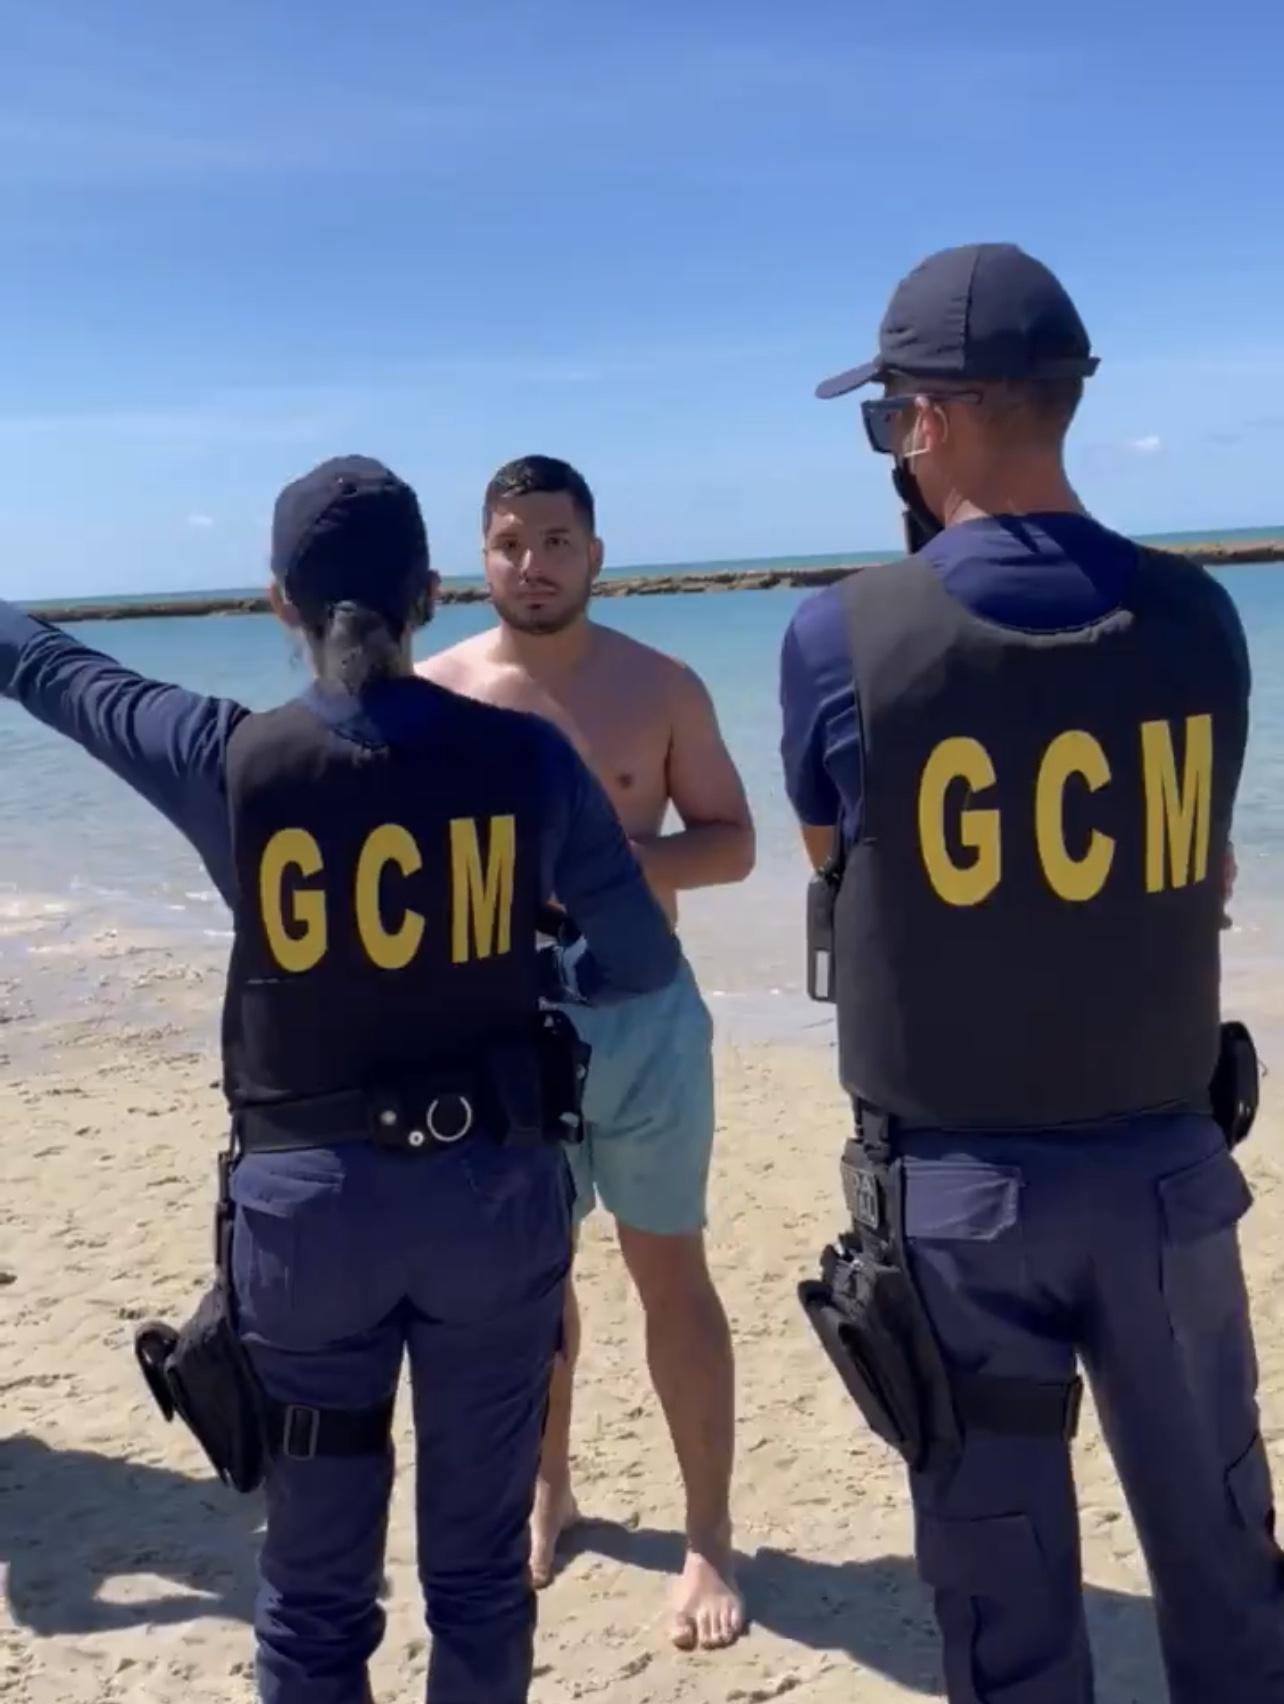 Guarda Municipal cearense não aceita banho de mar de Deputado e ele diz que tem o Direito de ir e vir e volta pra água, VEJA VÍDEO